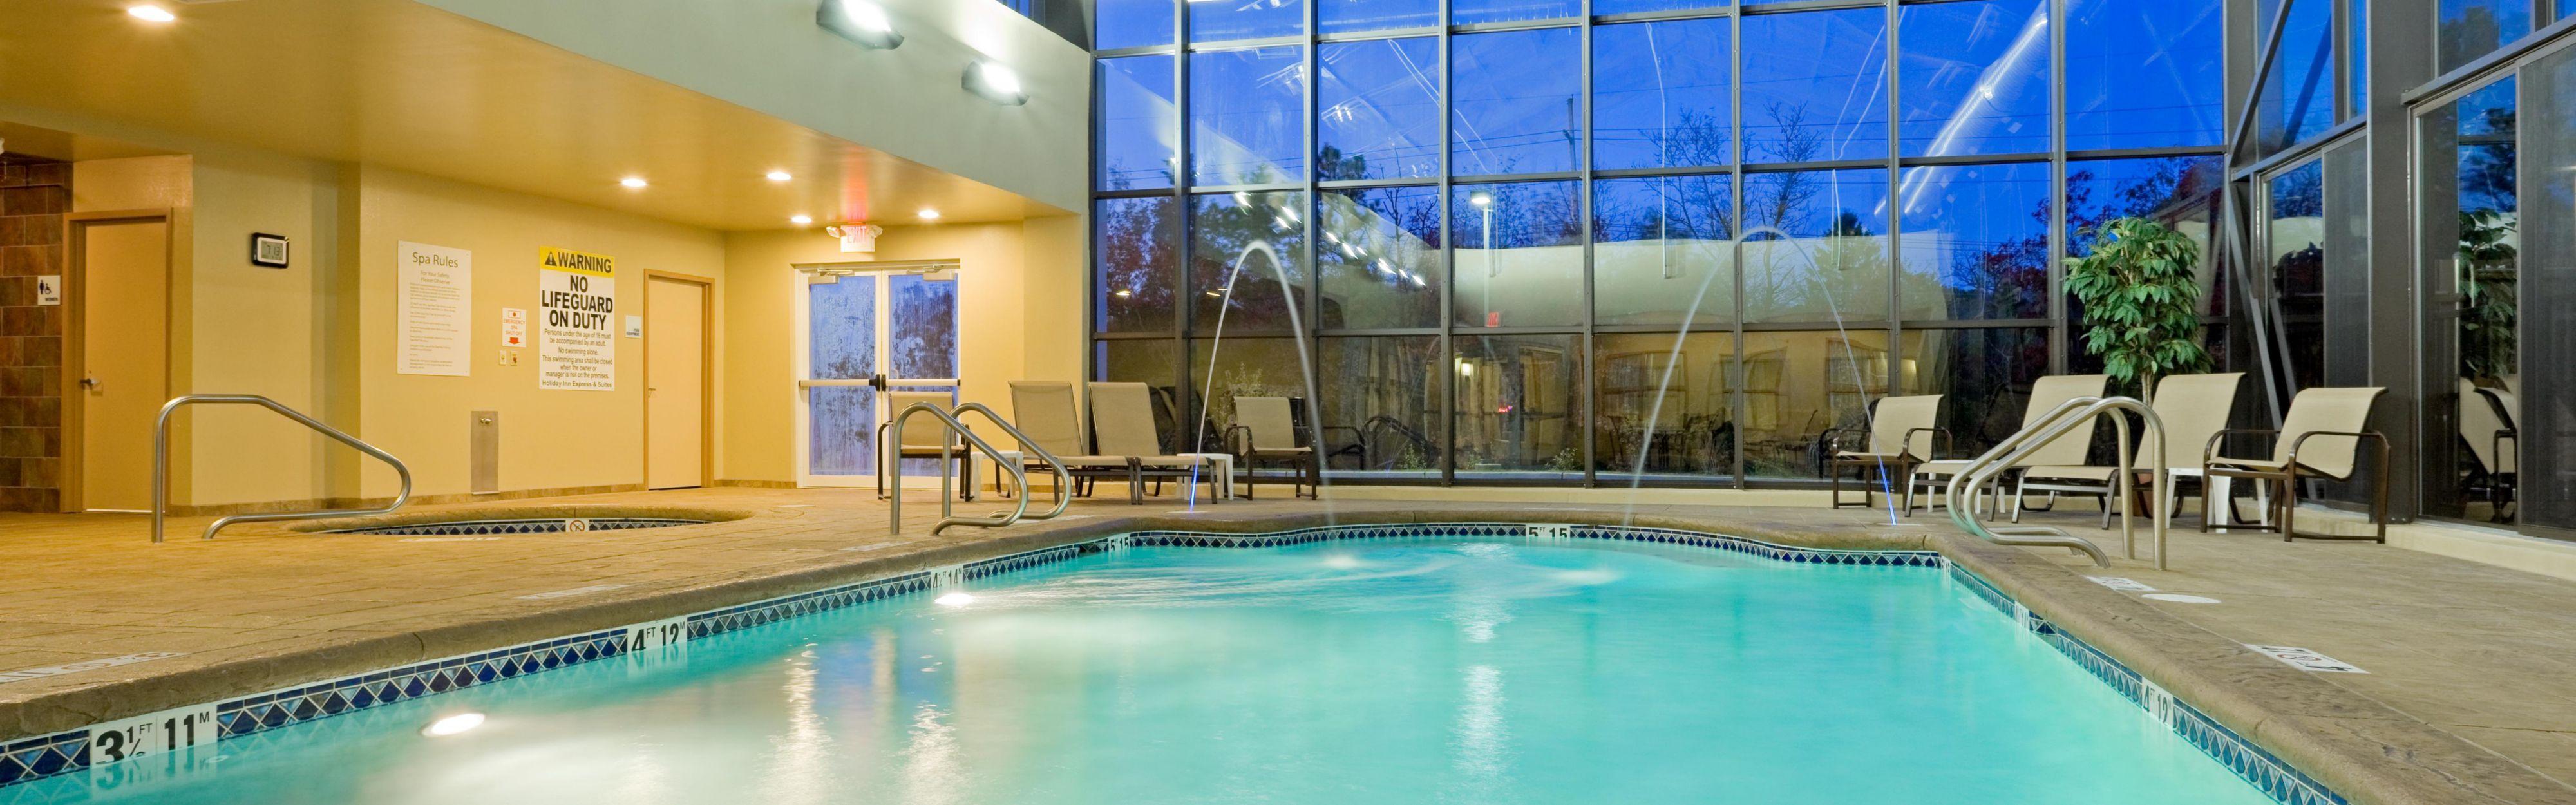 Best Western Hotels In Atlantic City Nj